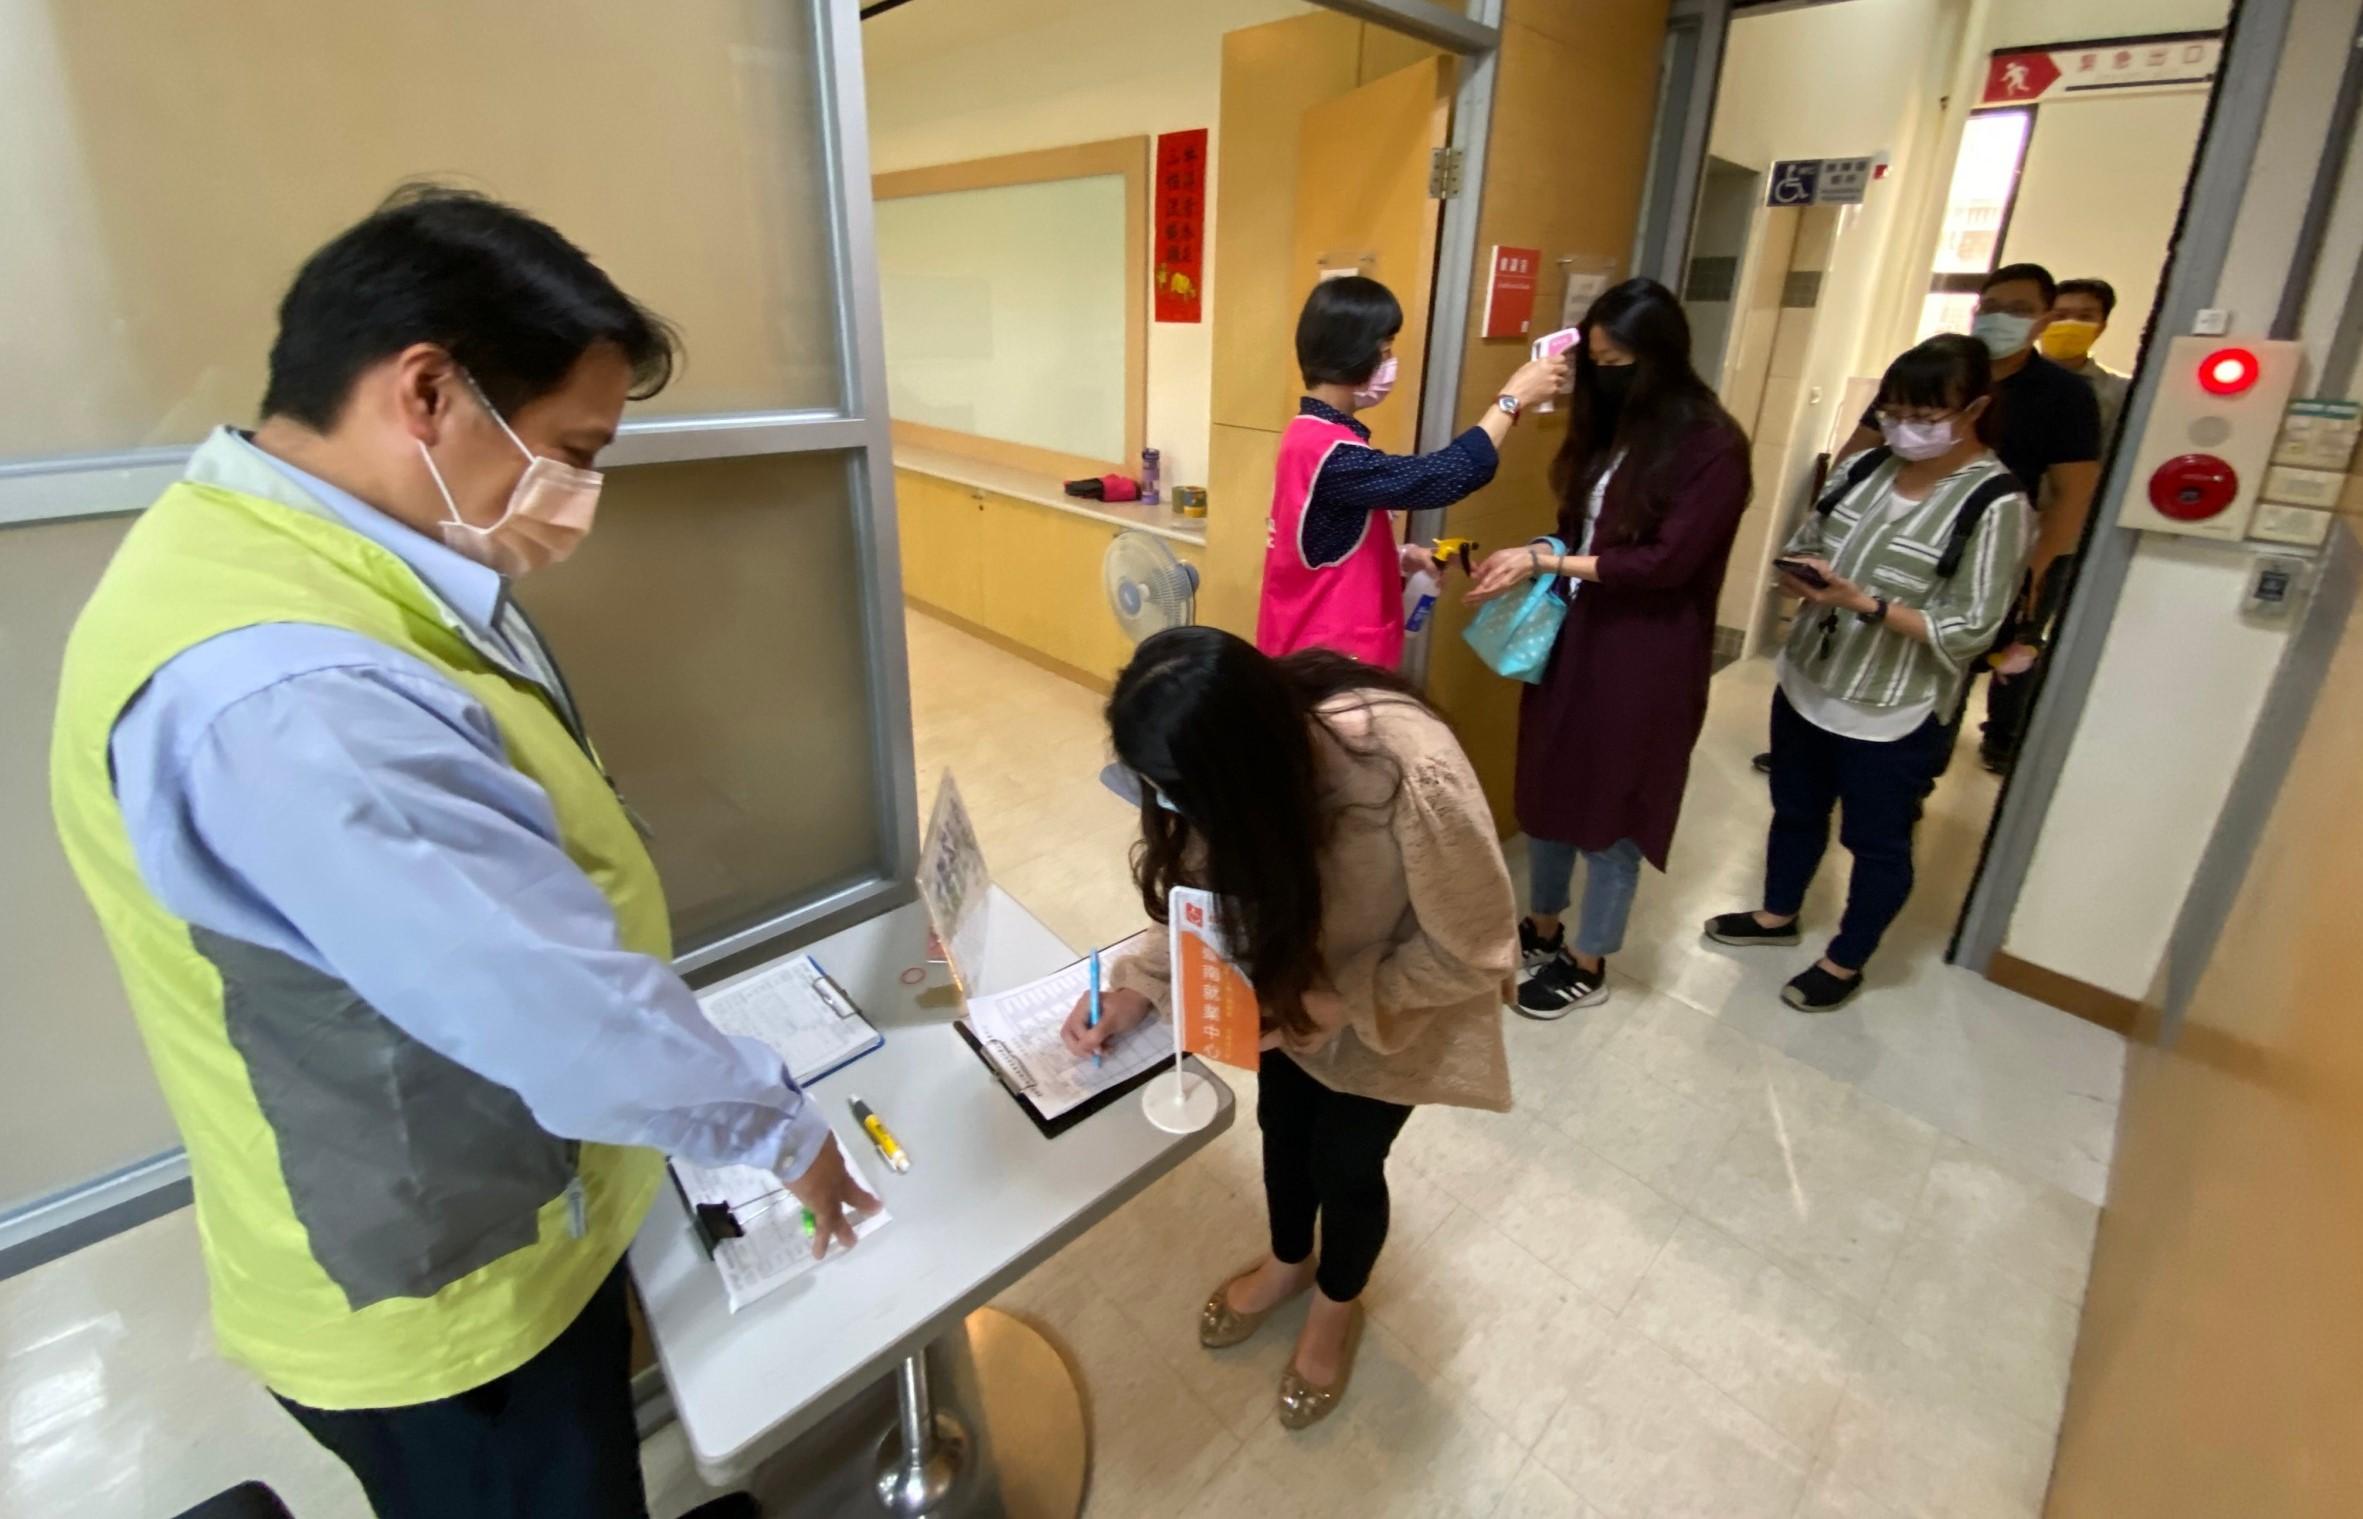 雲嘉南分署配合中央防疫,民眾求職需戴口罩、量體溫,更鼓勵民眾上台灣就業通網站投履歷線上應徵